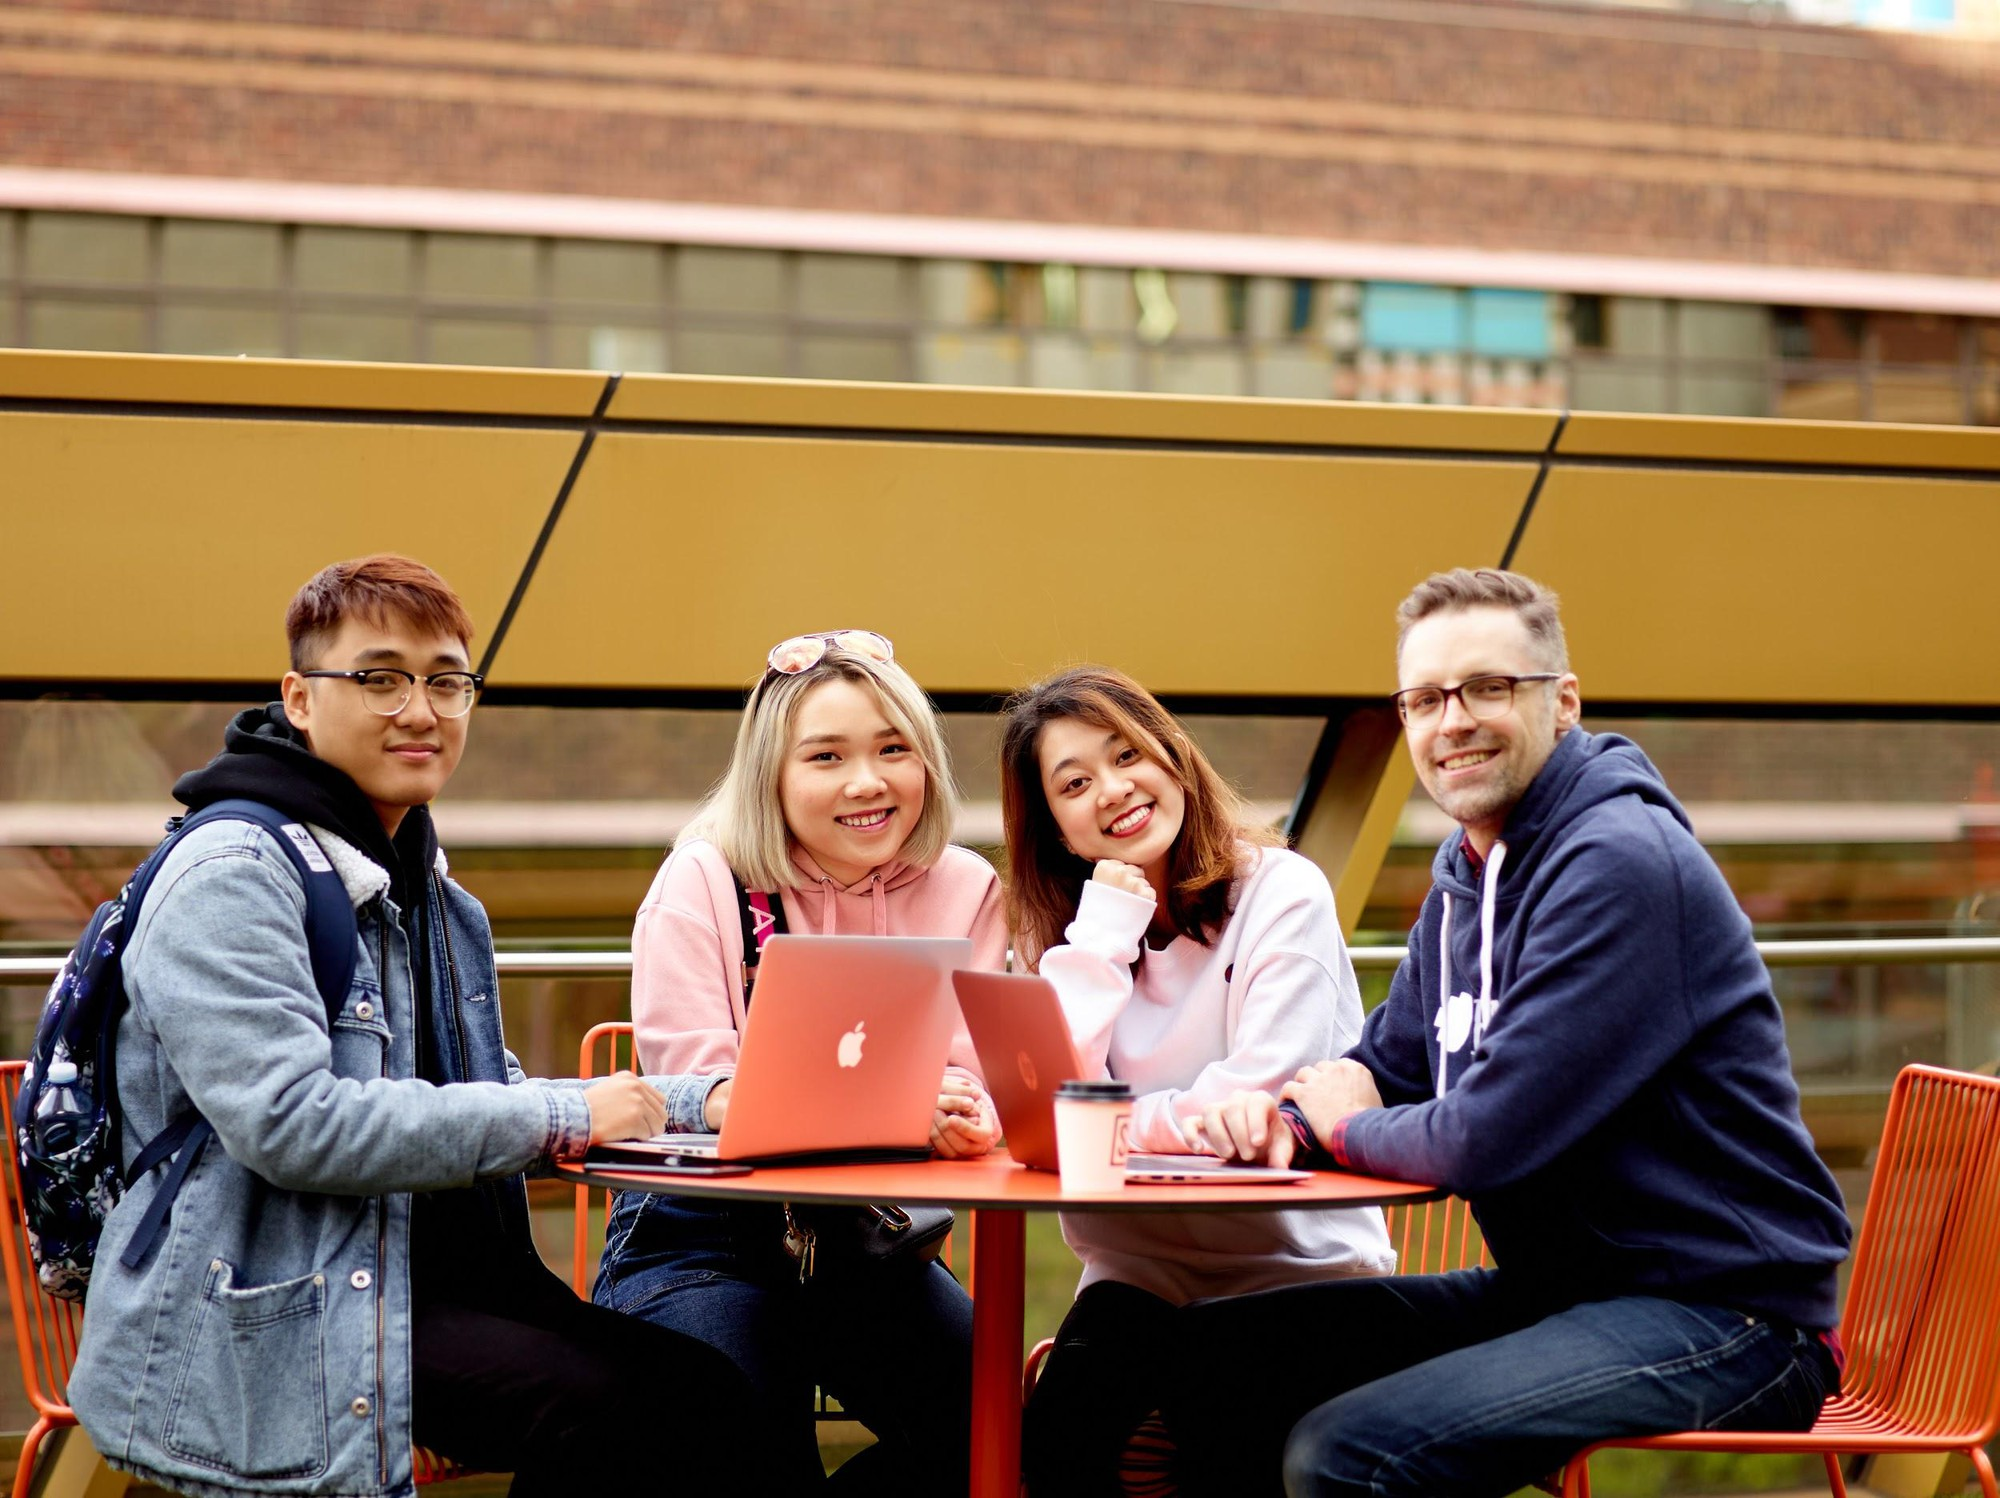 Xách ba lô lên và đi du học RMIT Melbourne - Ảnh 3.